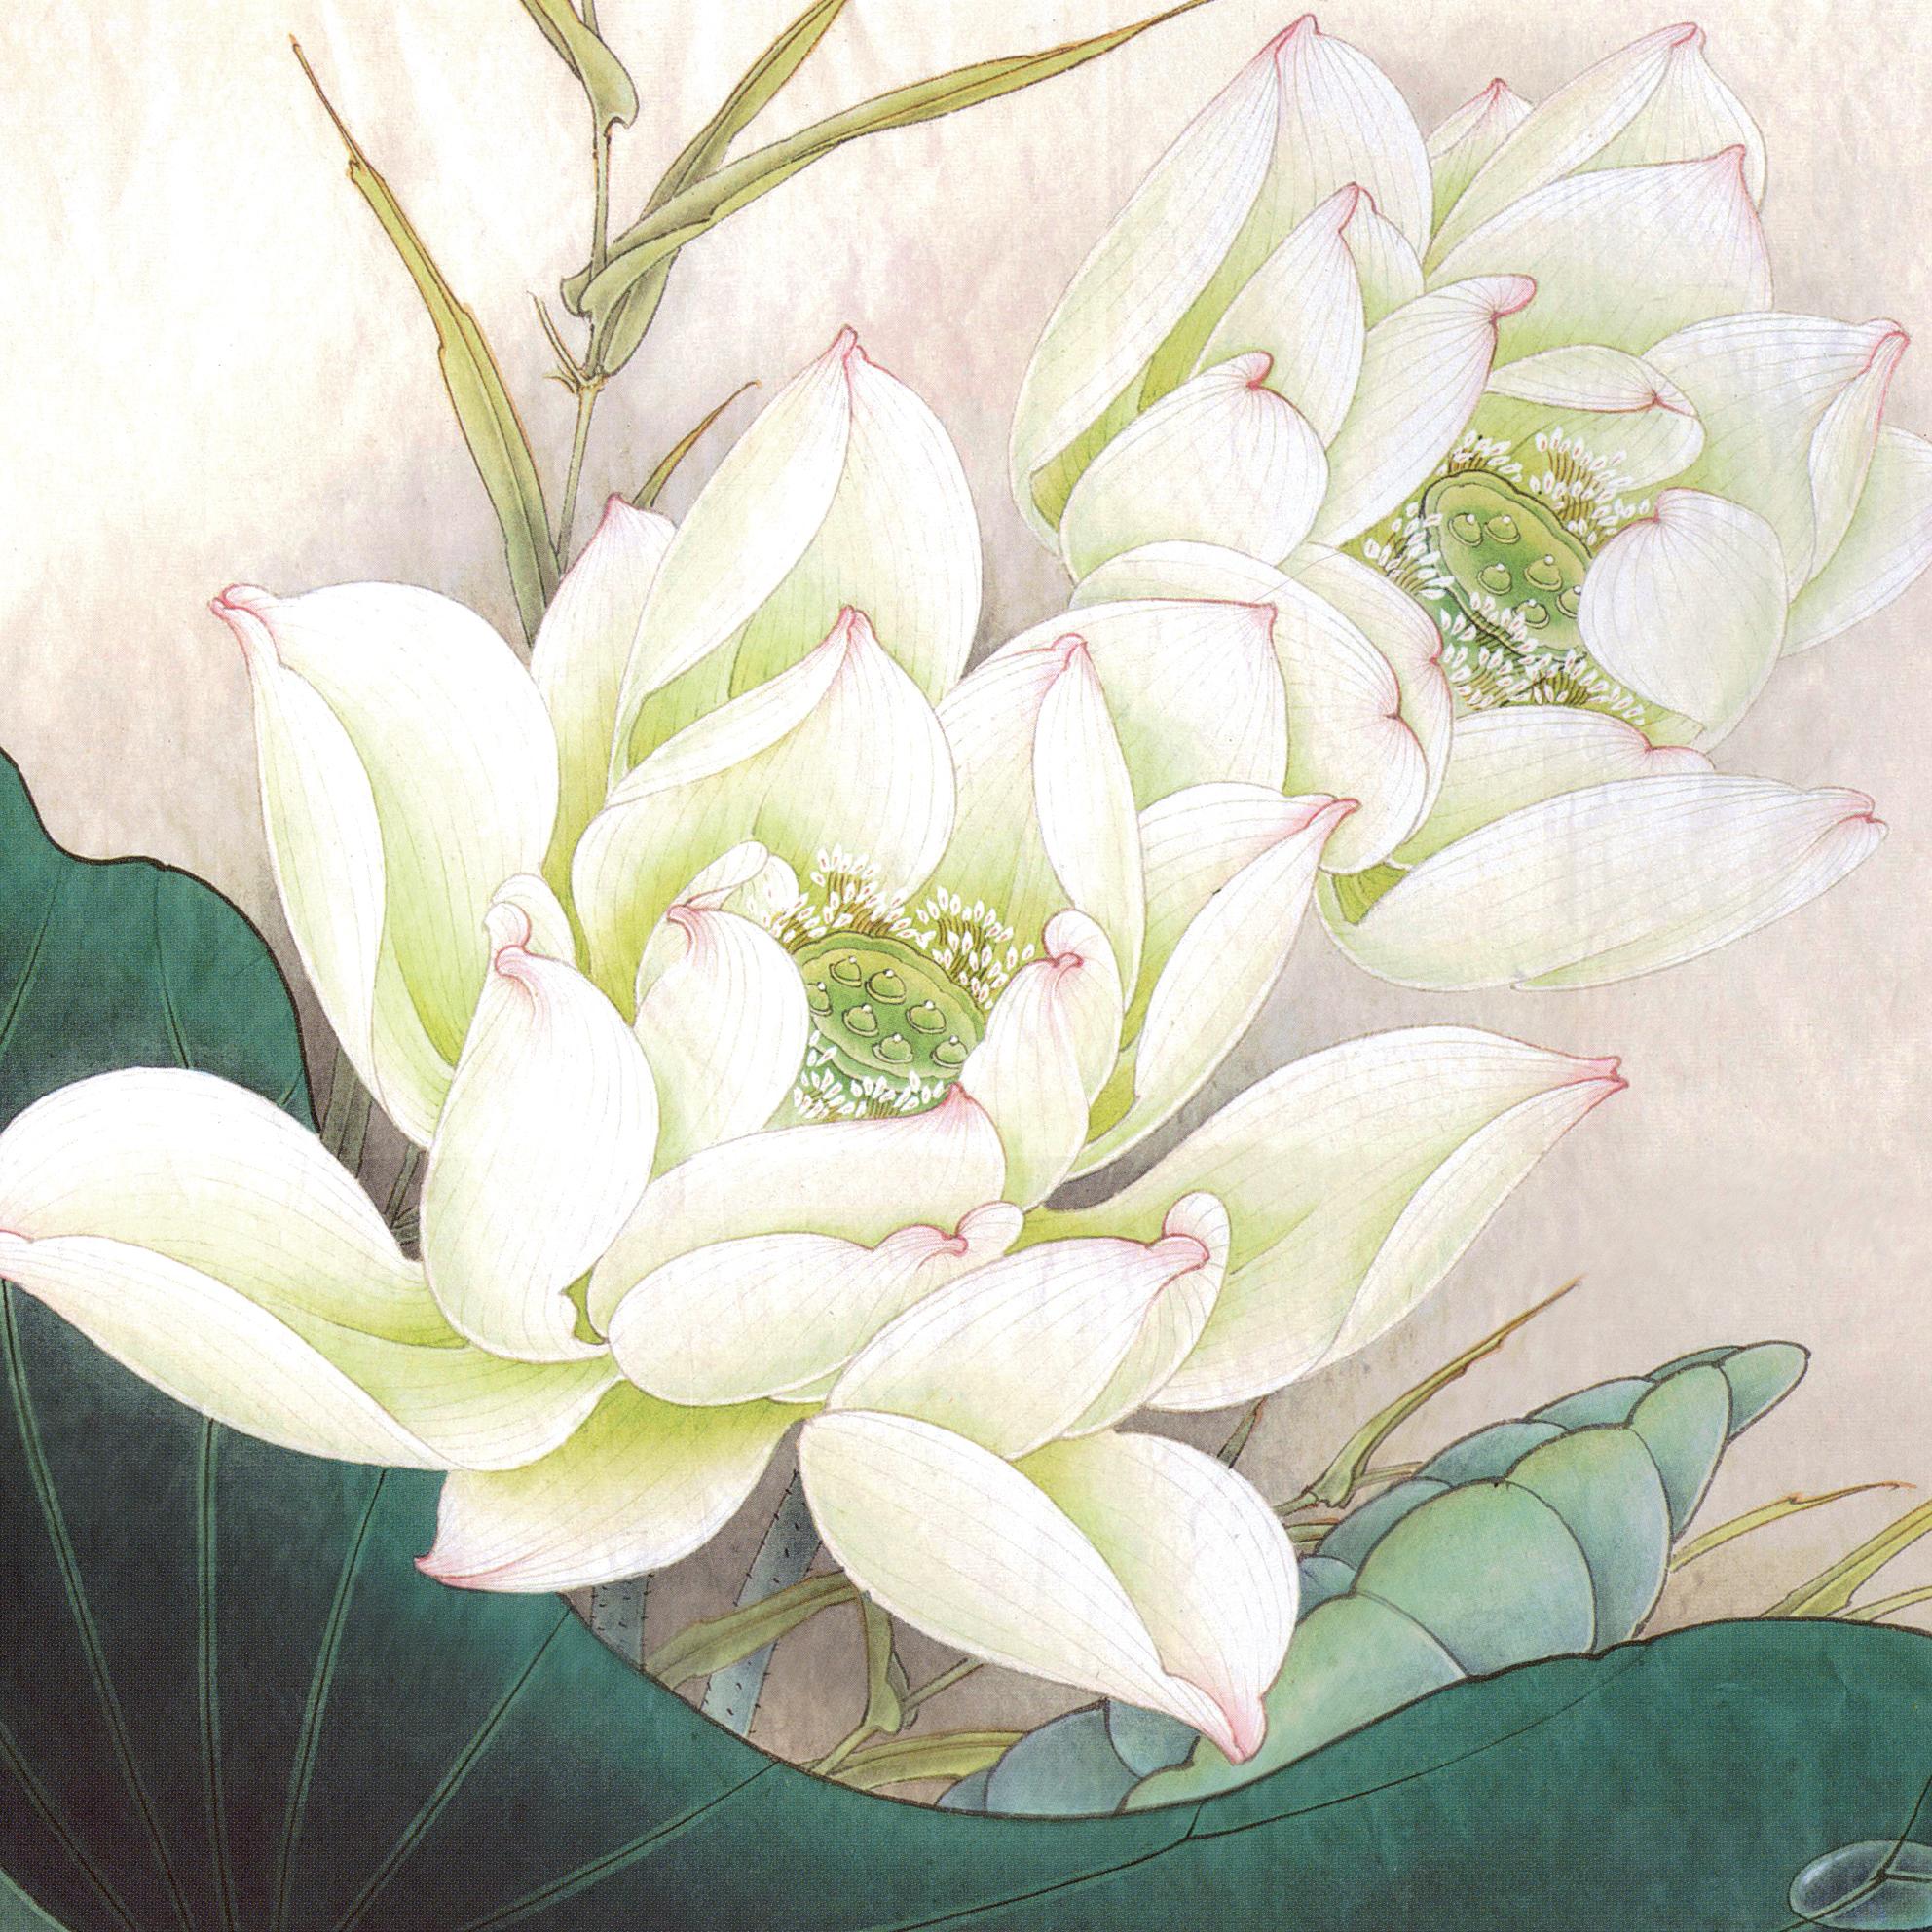 Tranh hoa sen trắng tốt lành